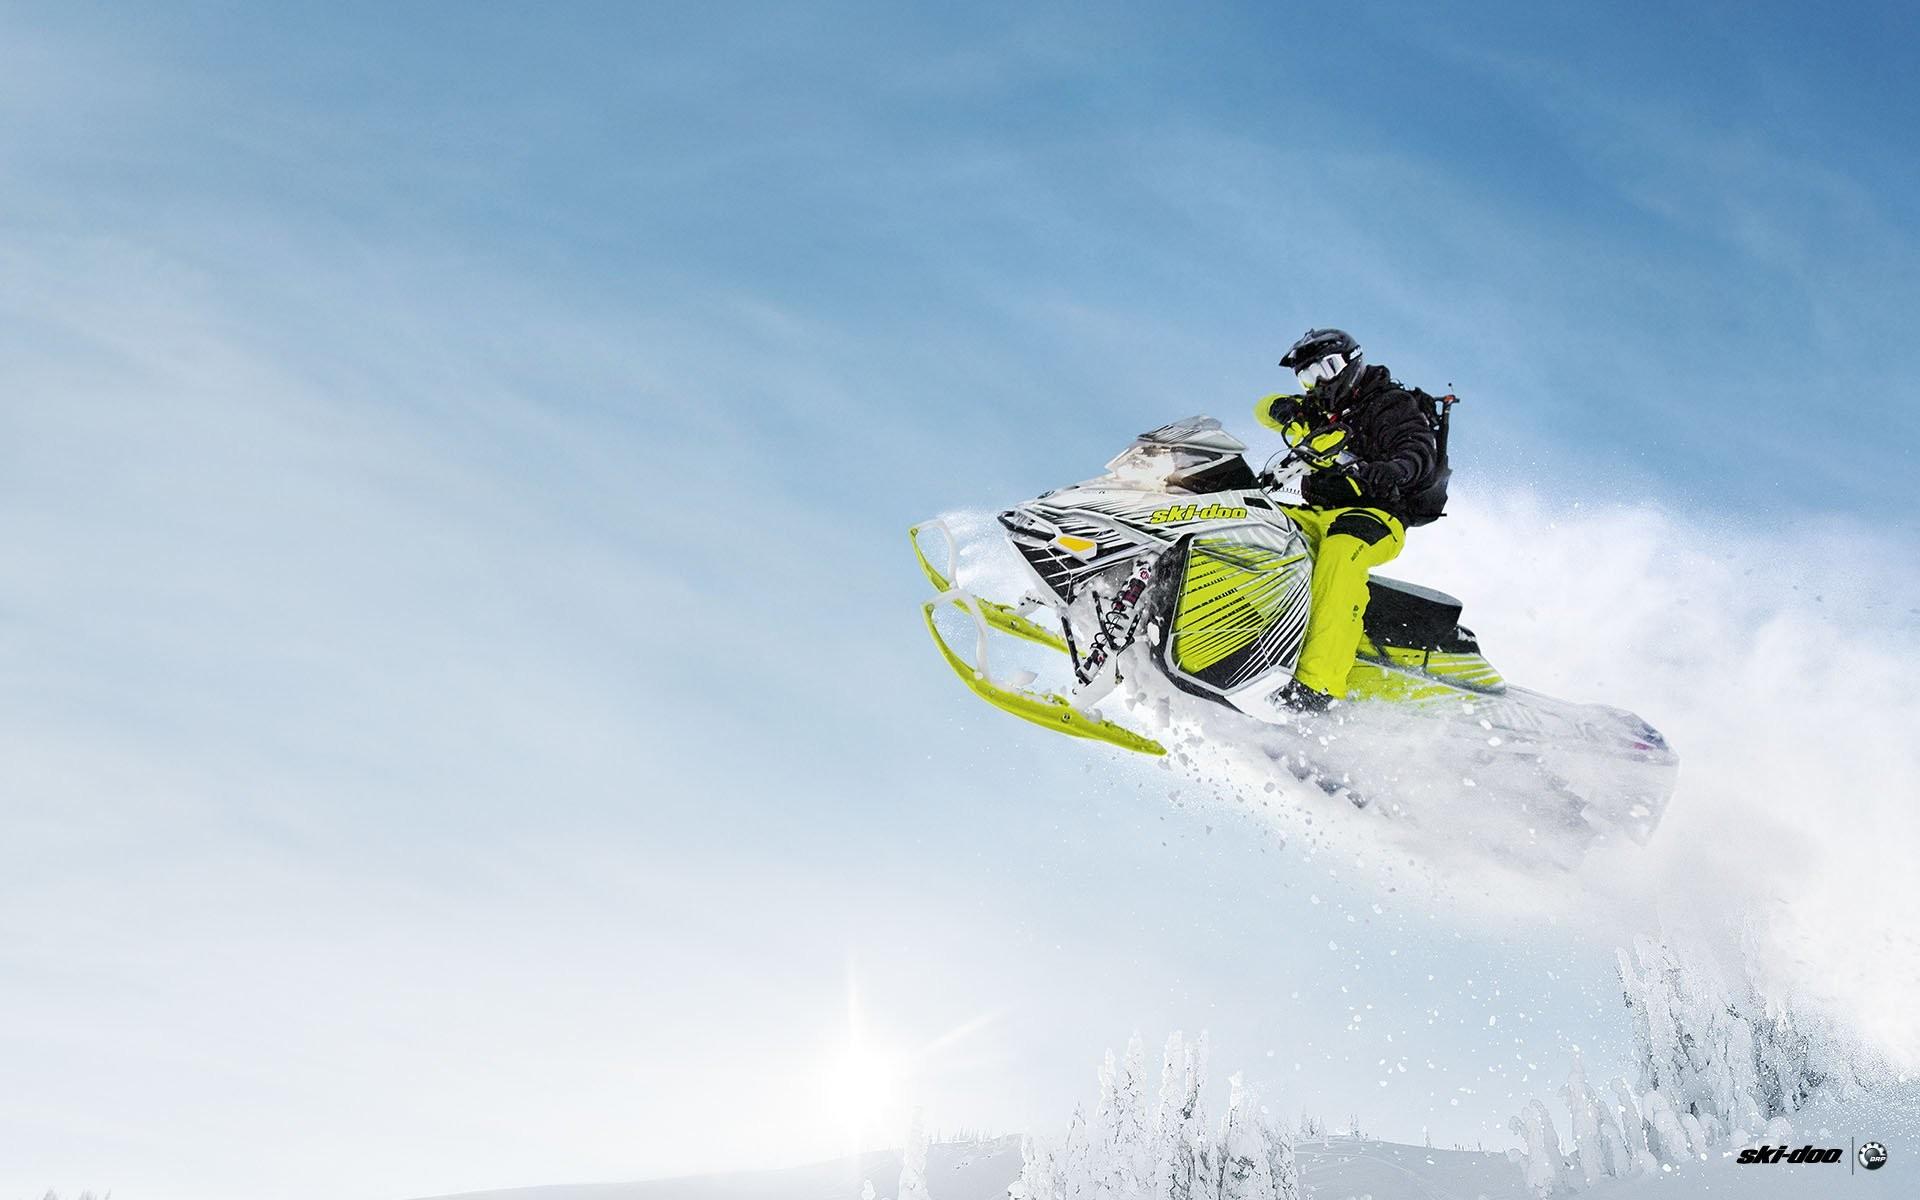 SKI-DOO snowmobile sled ski doo winter snow extreme wallpaper | |  648407 | WallpaperUP